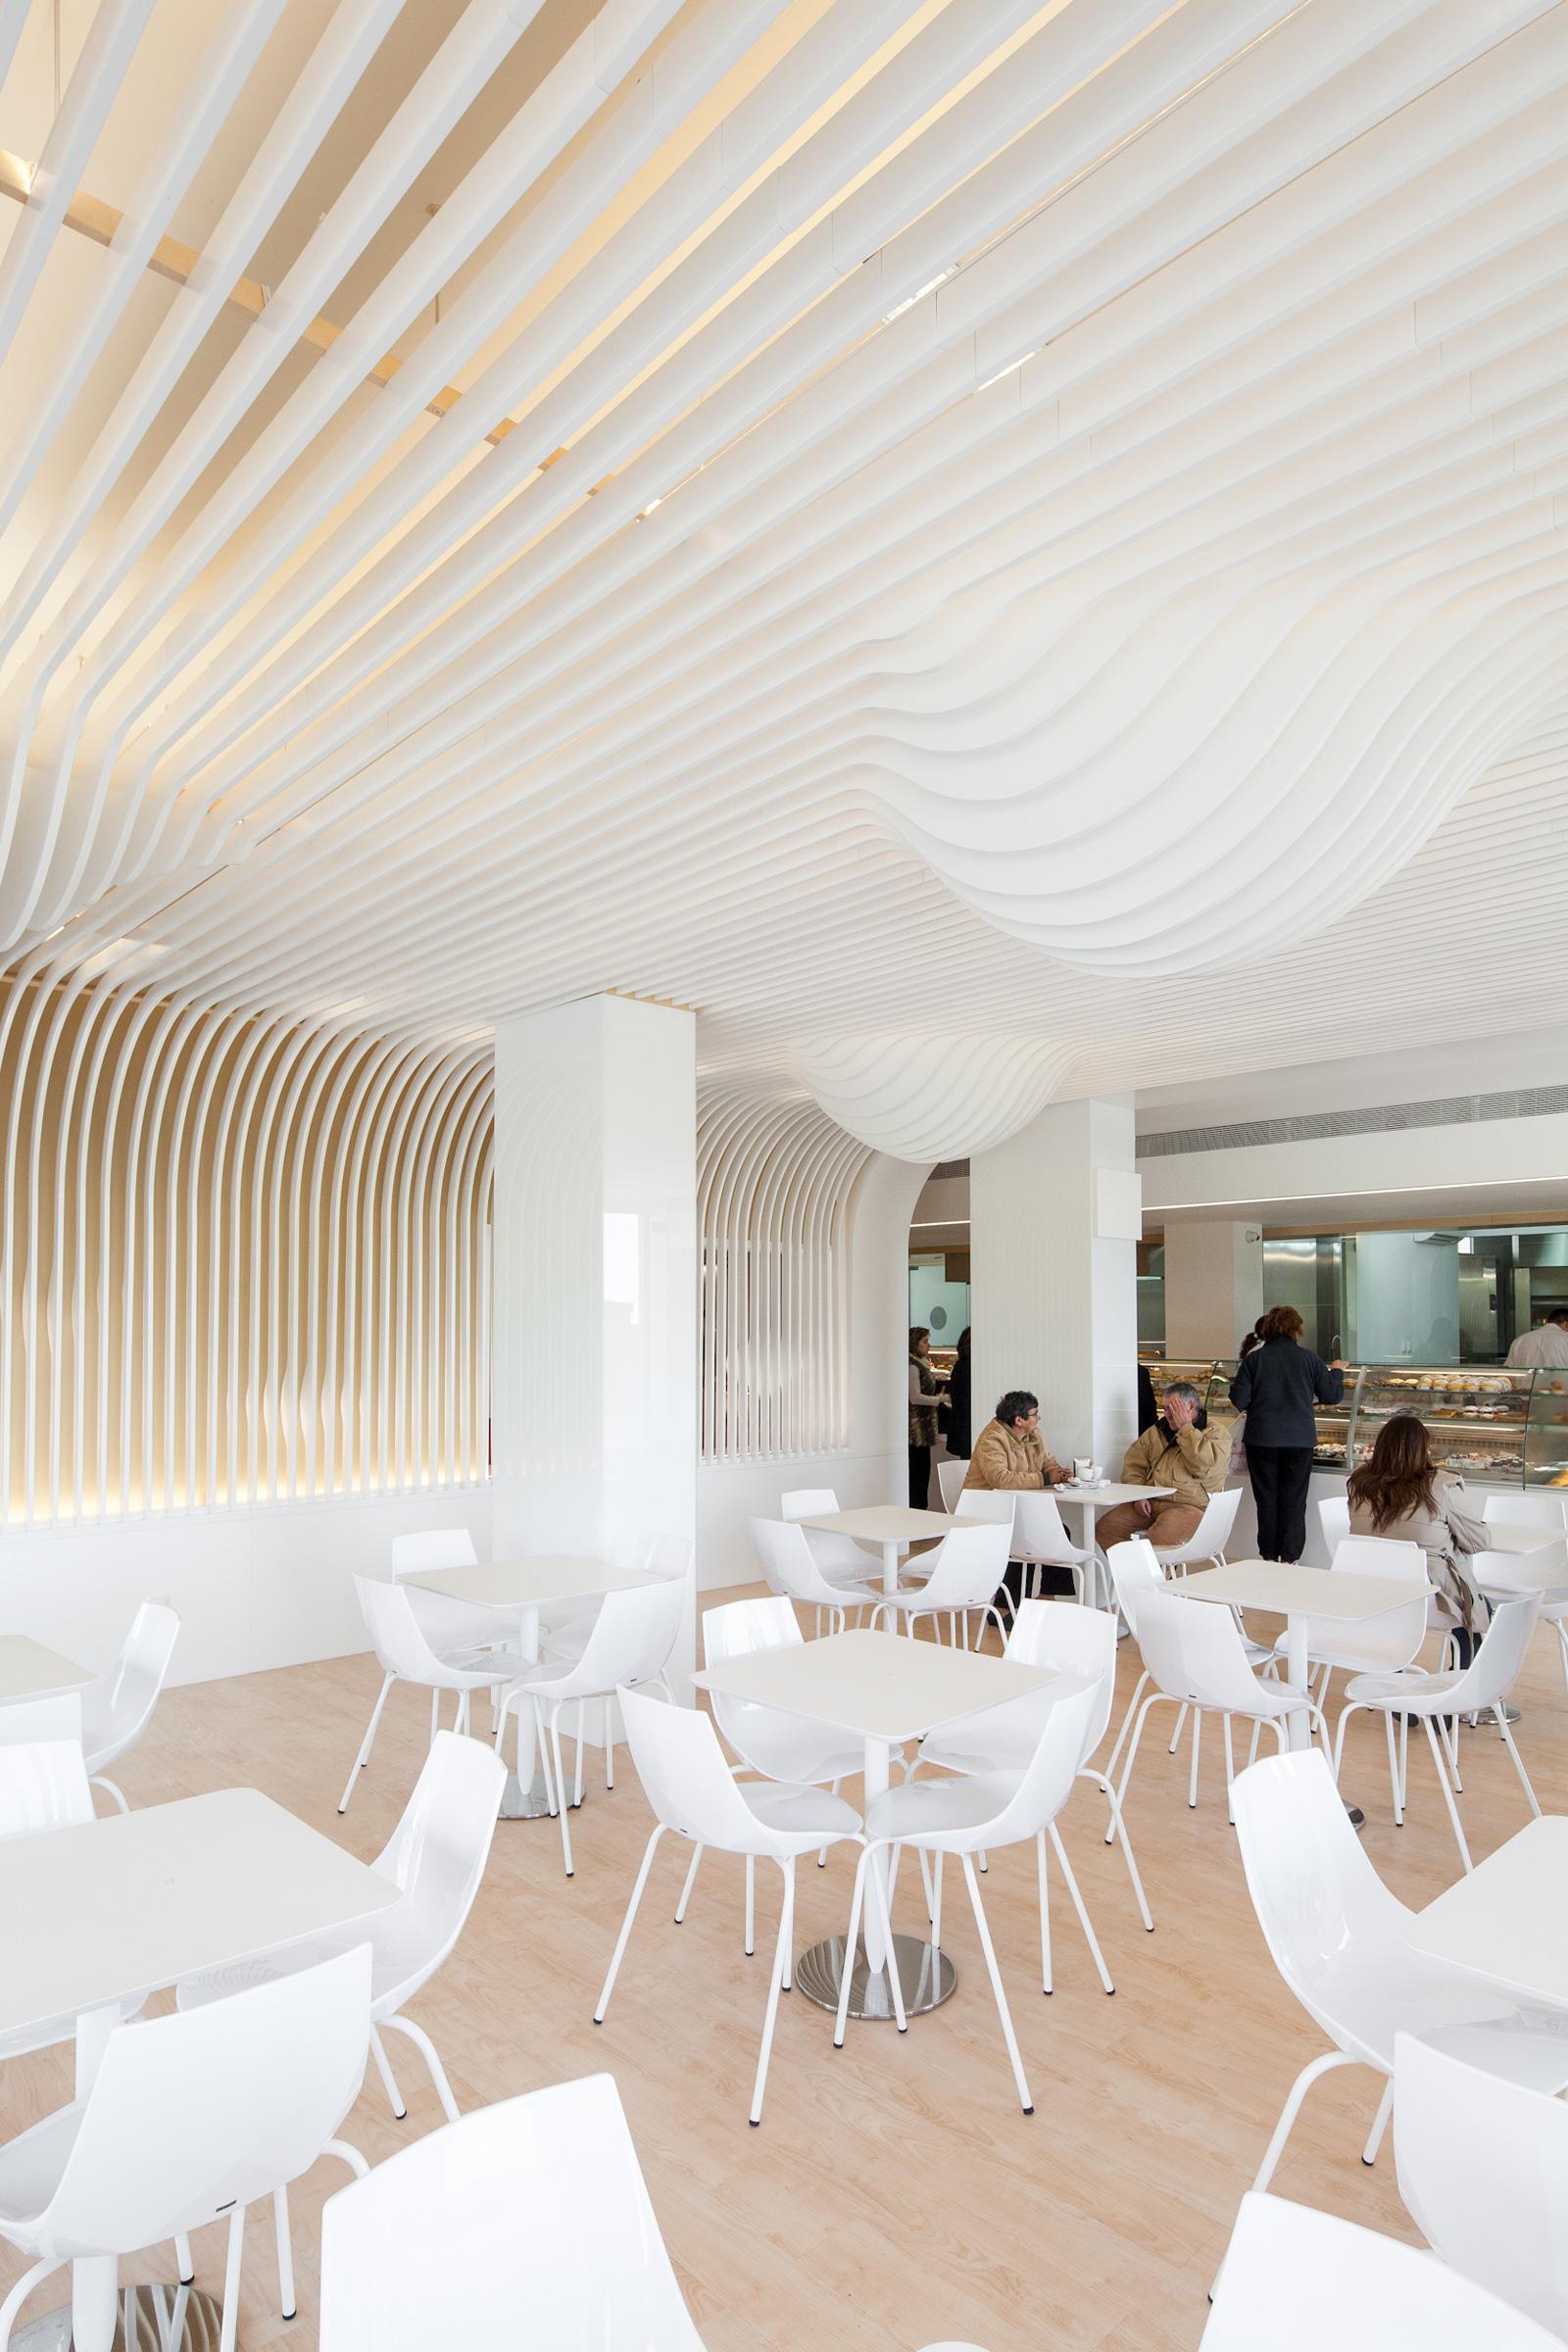 Bakery In Oporto / Paulo Merlini